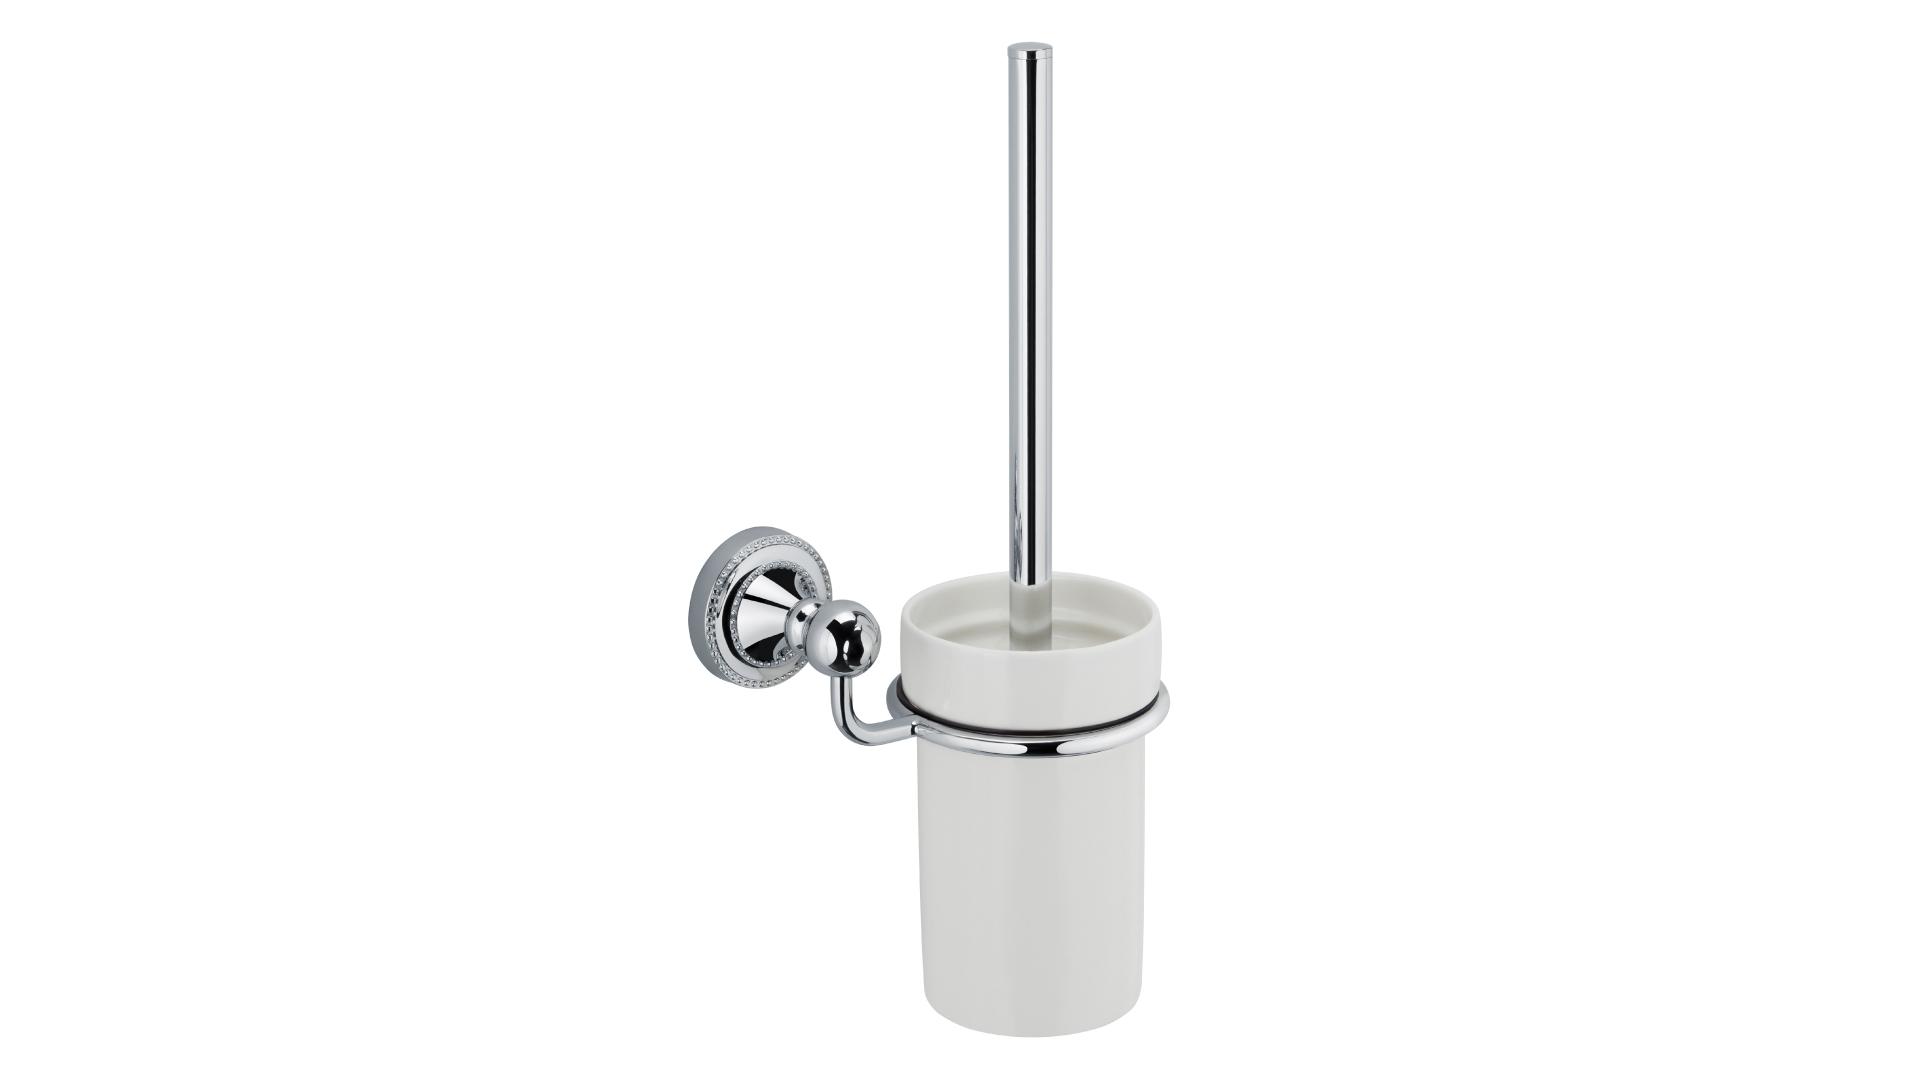 Ёрш для туалета Style